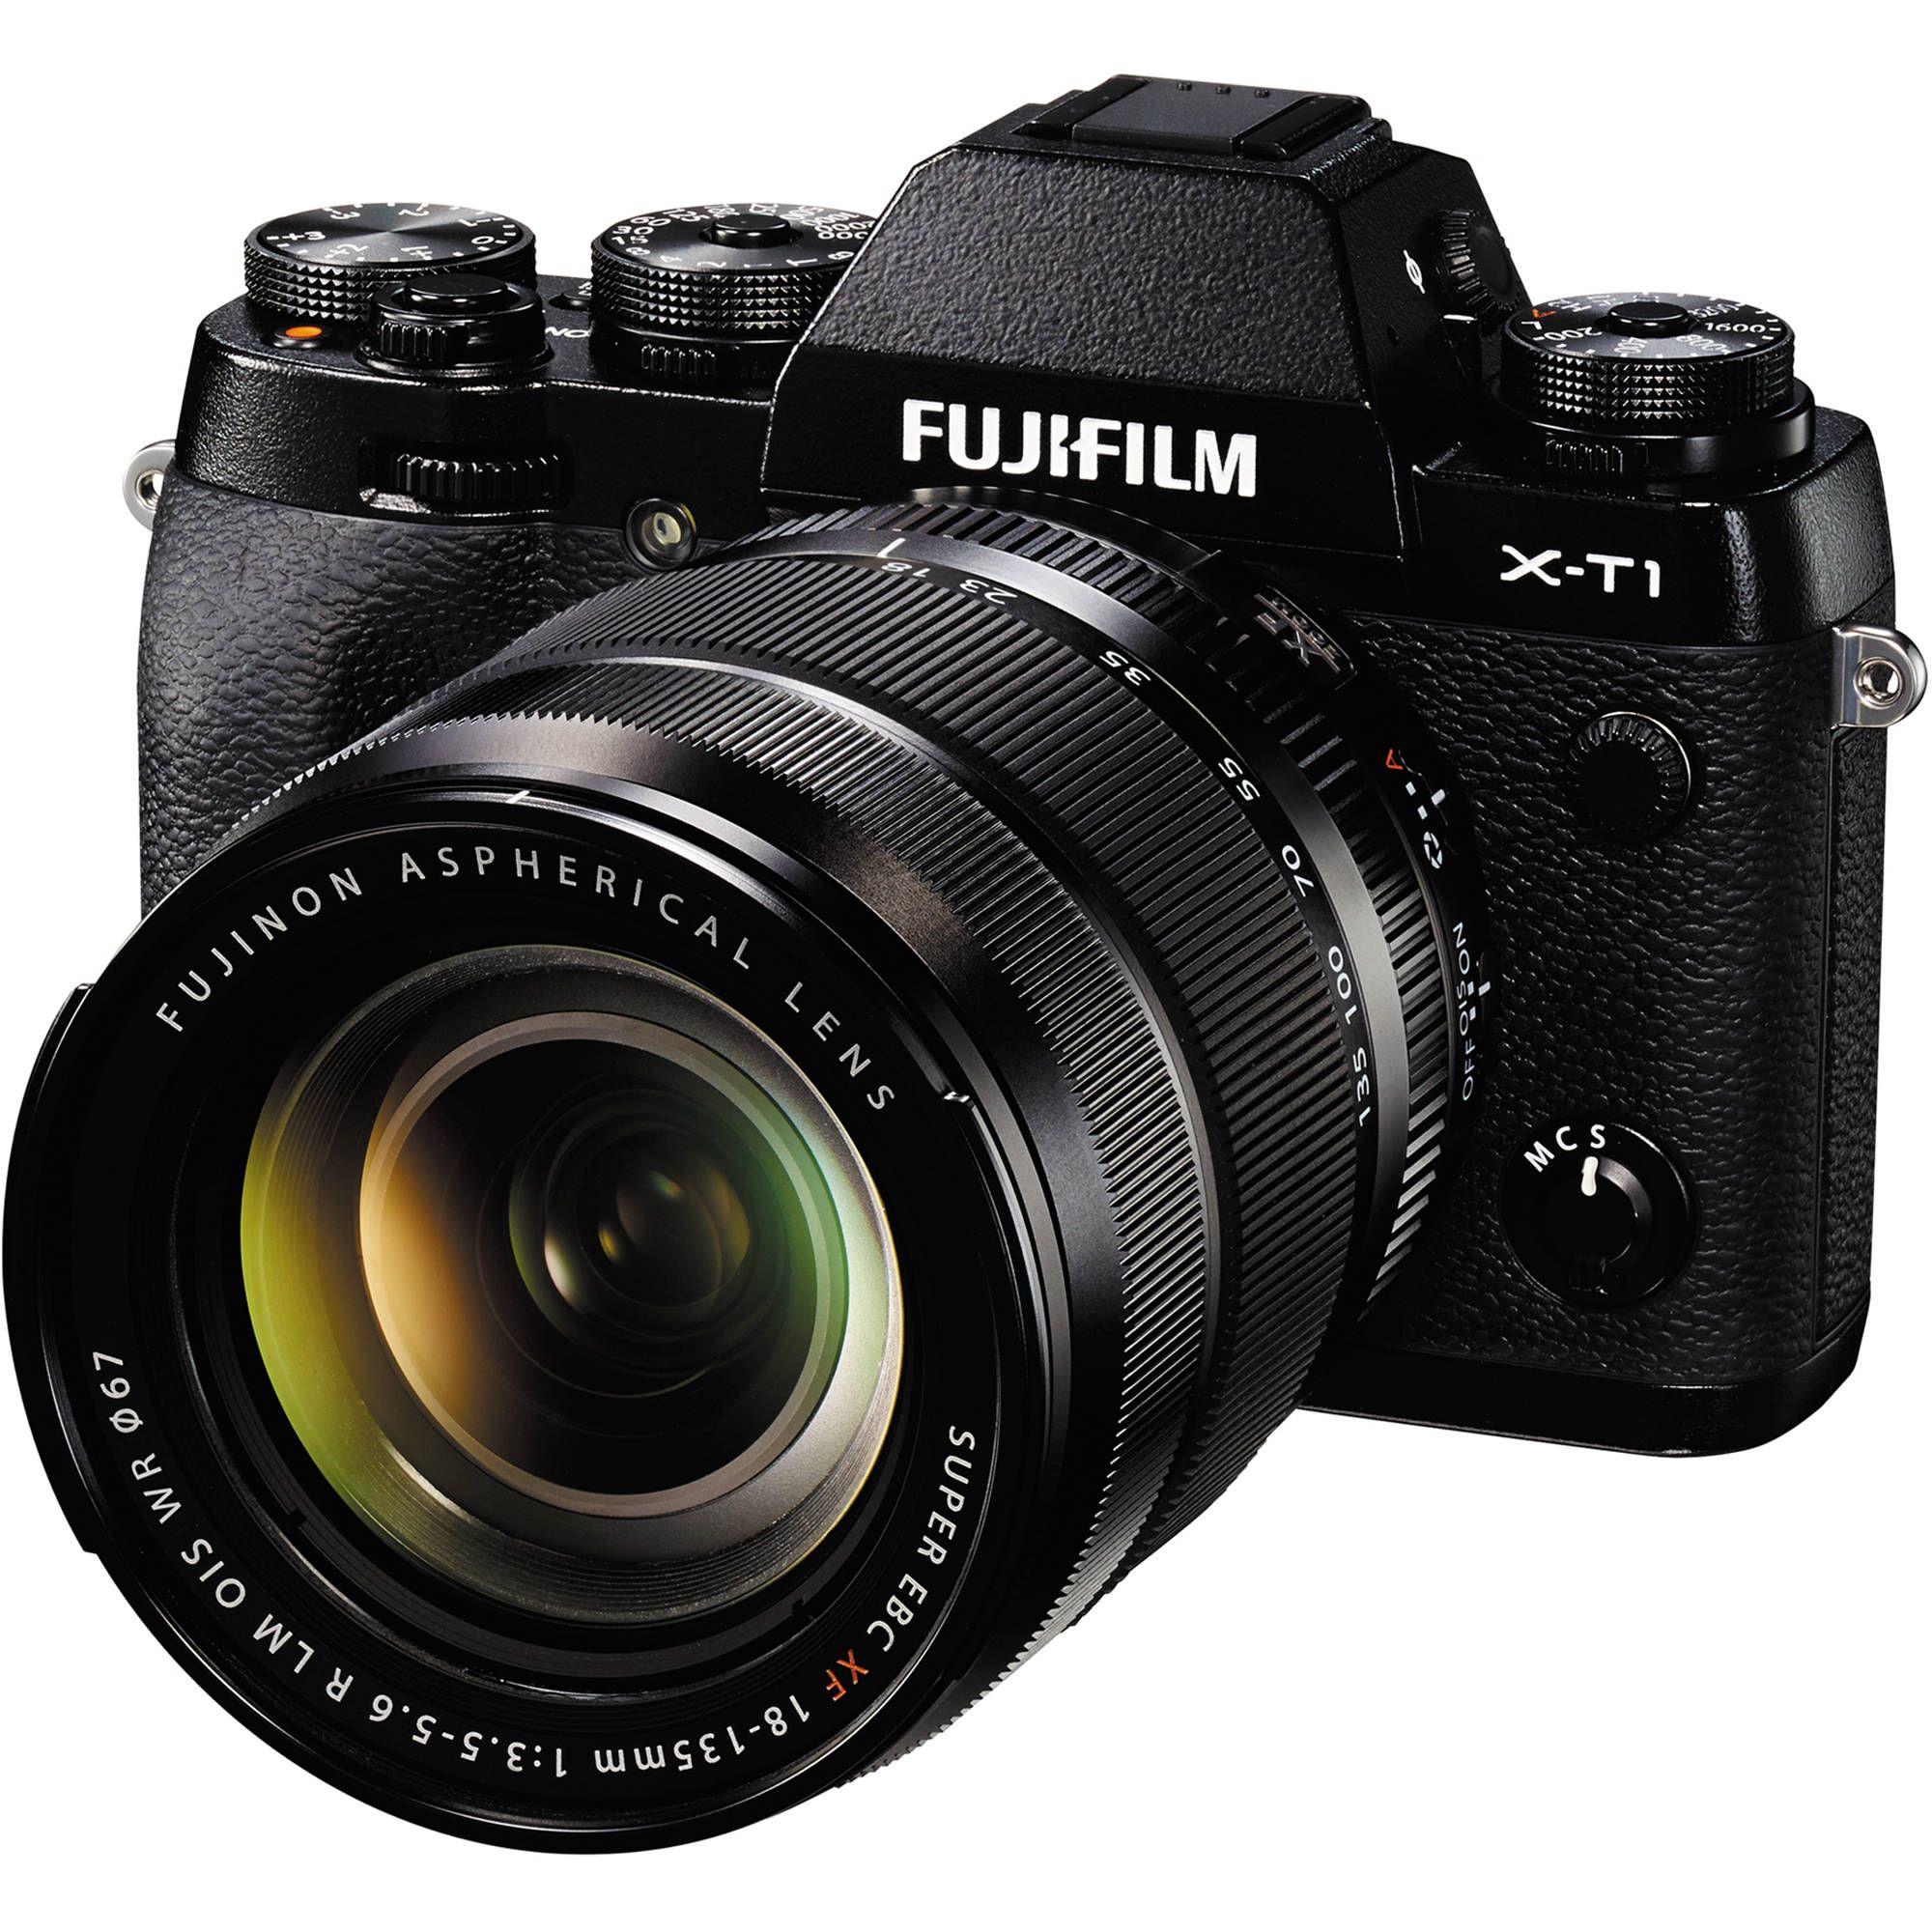 Fujifilm X T1 Mirrorless Digital Camera With 18 135mm Lens Black Best Digital Camera Fujifilm Camera Digital Camera